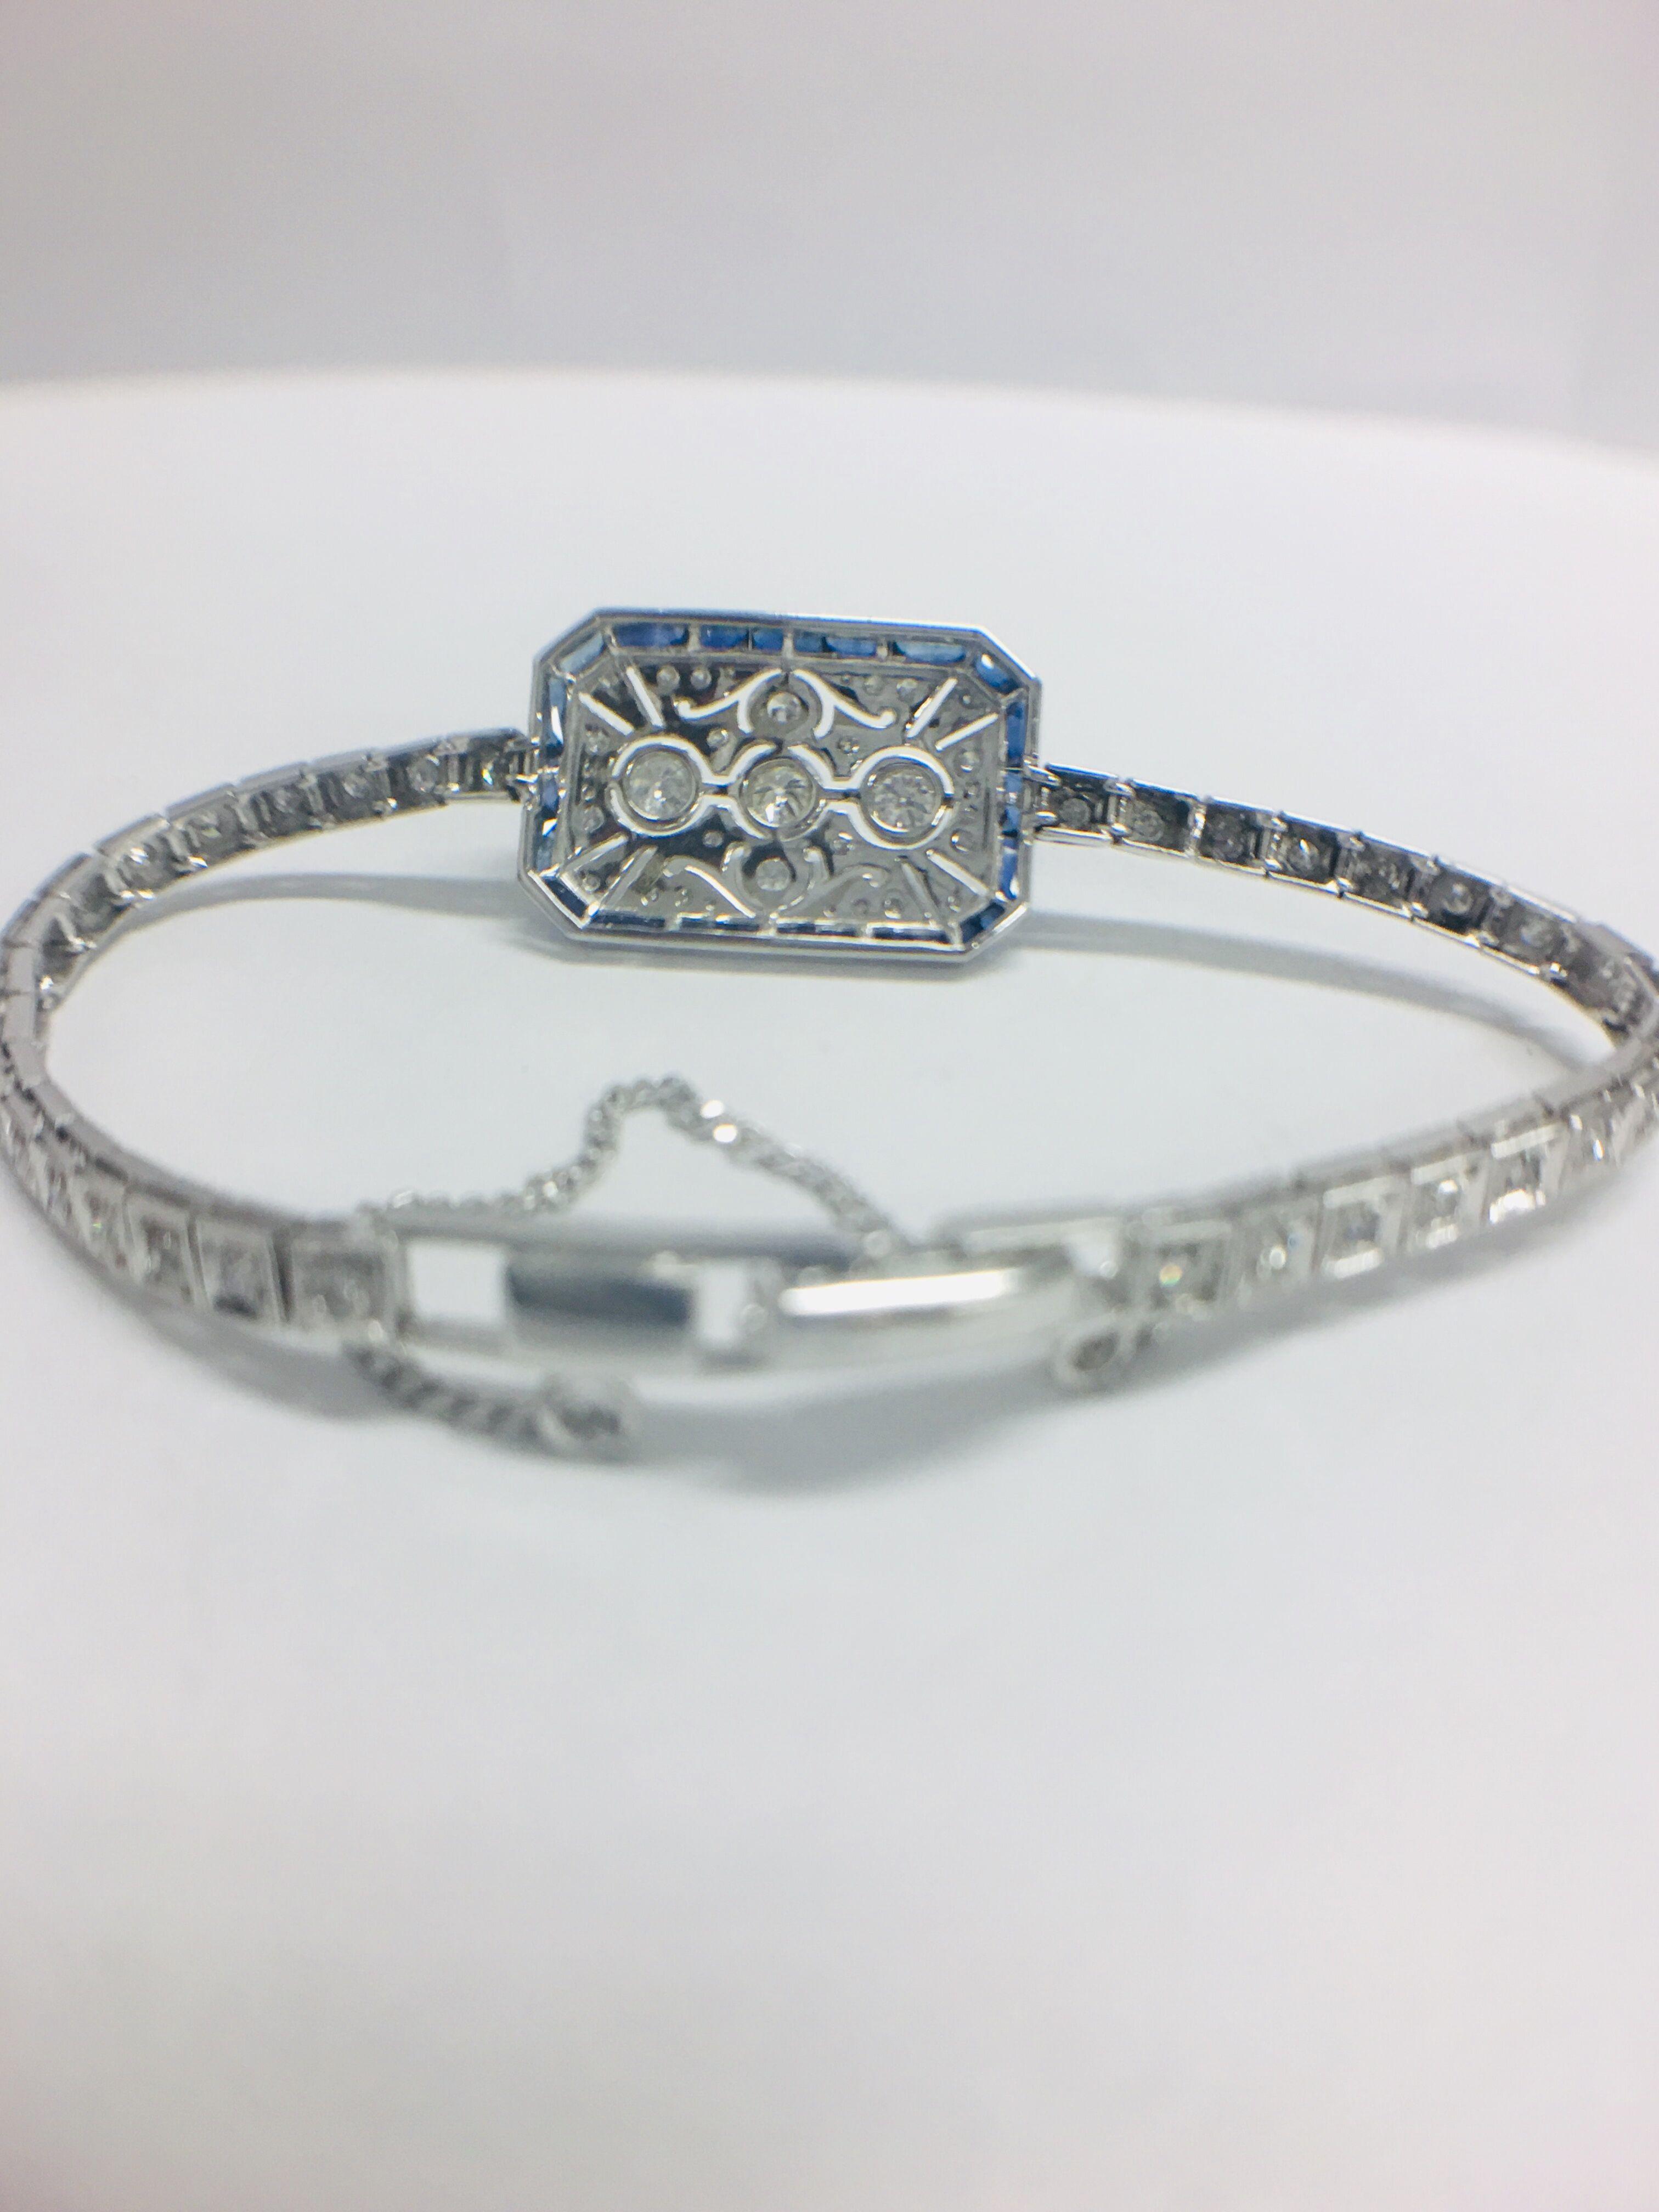 Platinum Cocktail Bracelet - Image 6 of 12